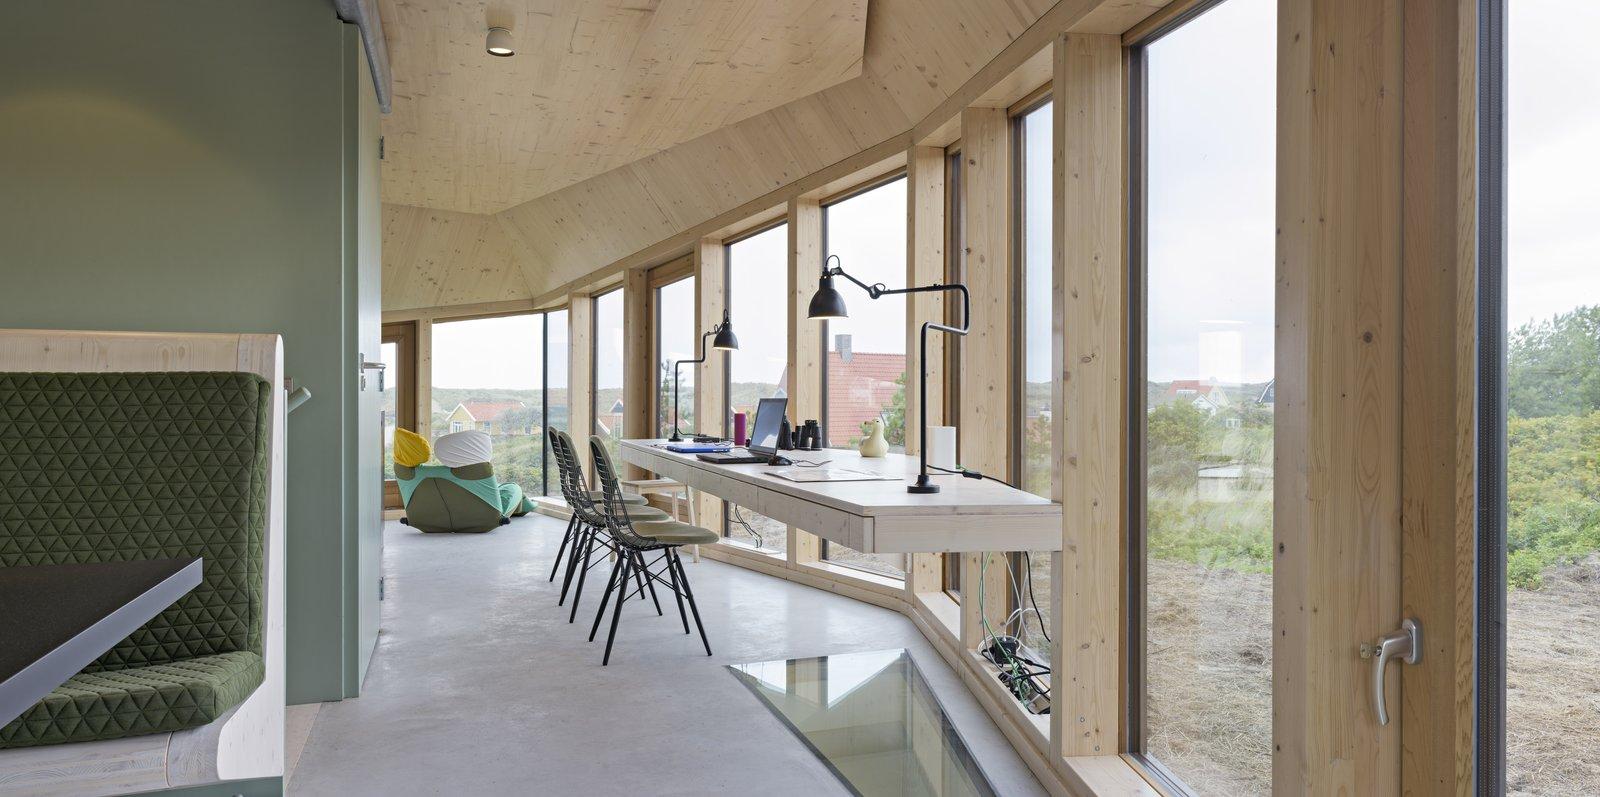 A study desk on the ground floor.